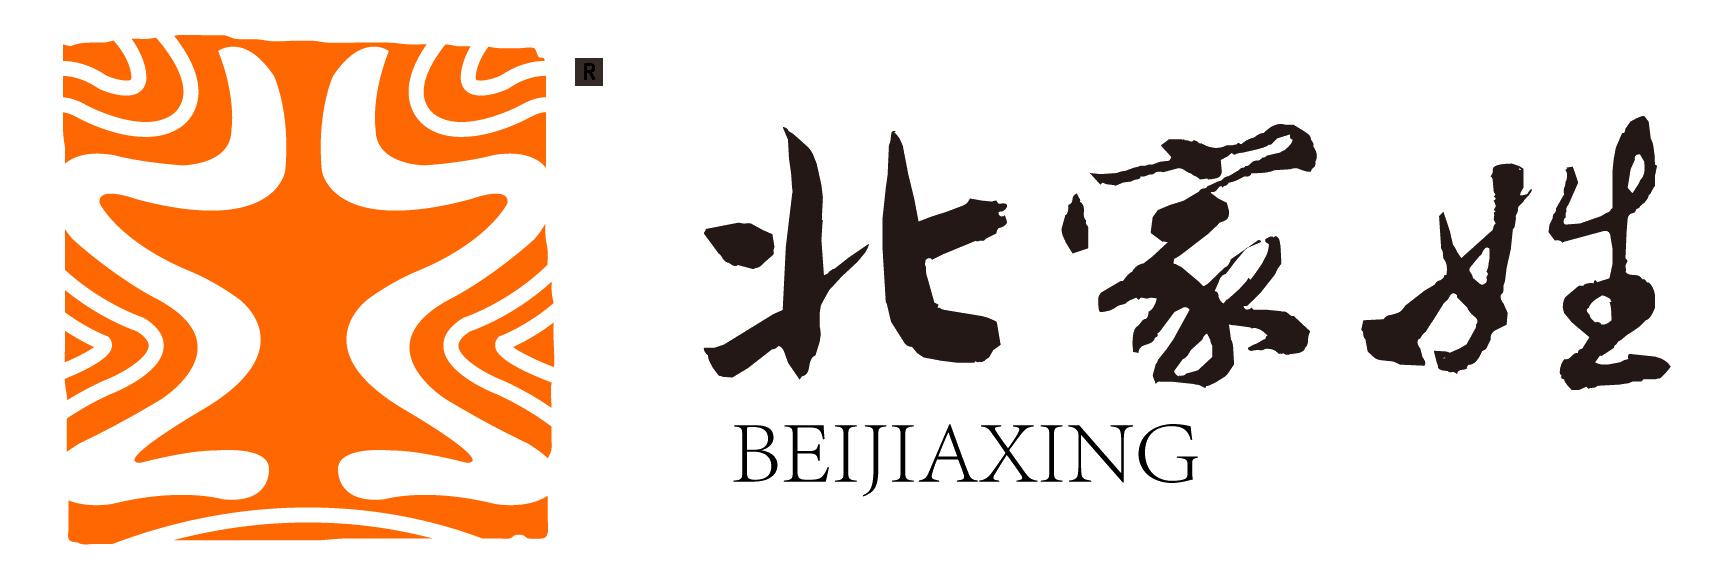 甘肃省北家姓餐饮管理有限公司